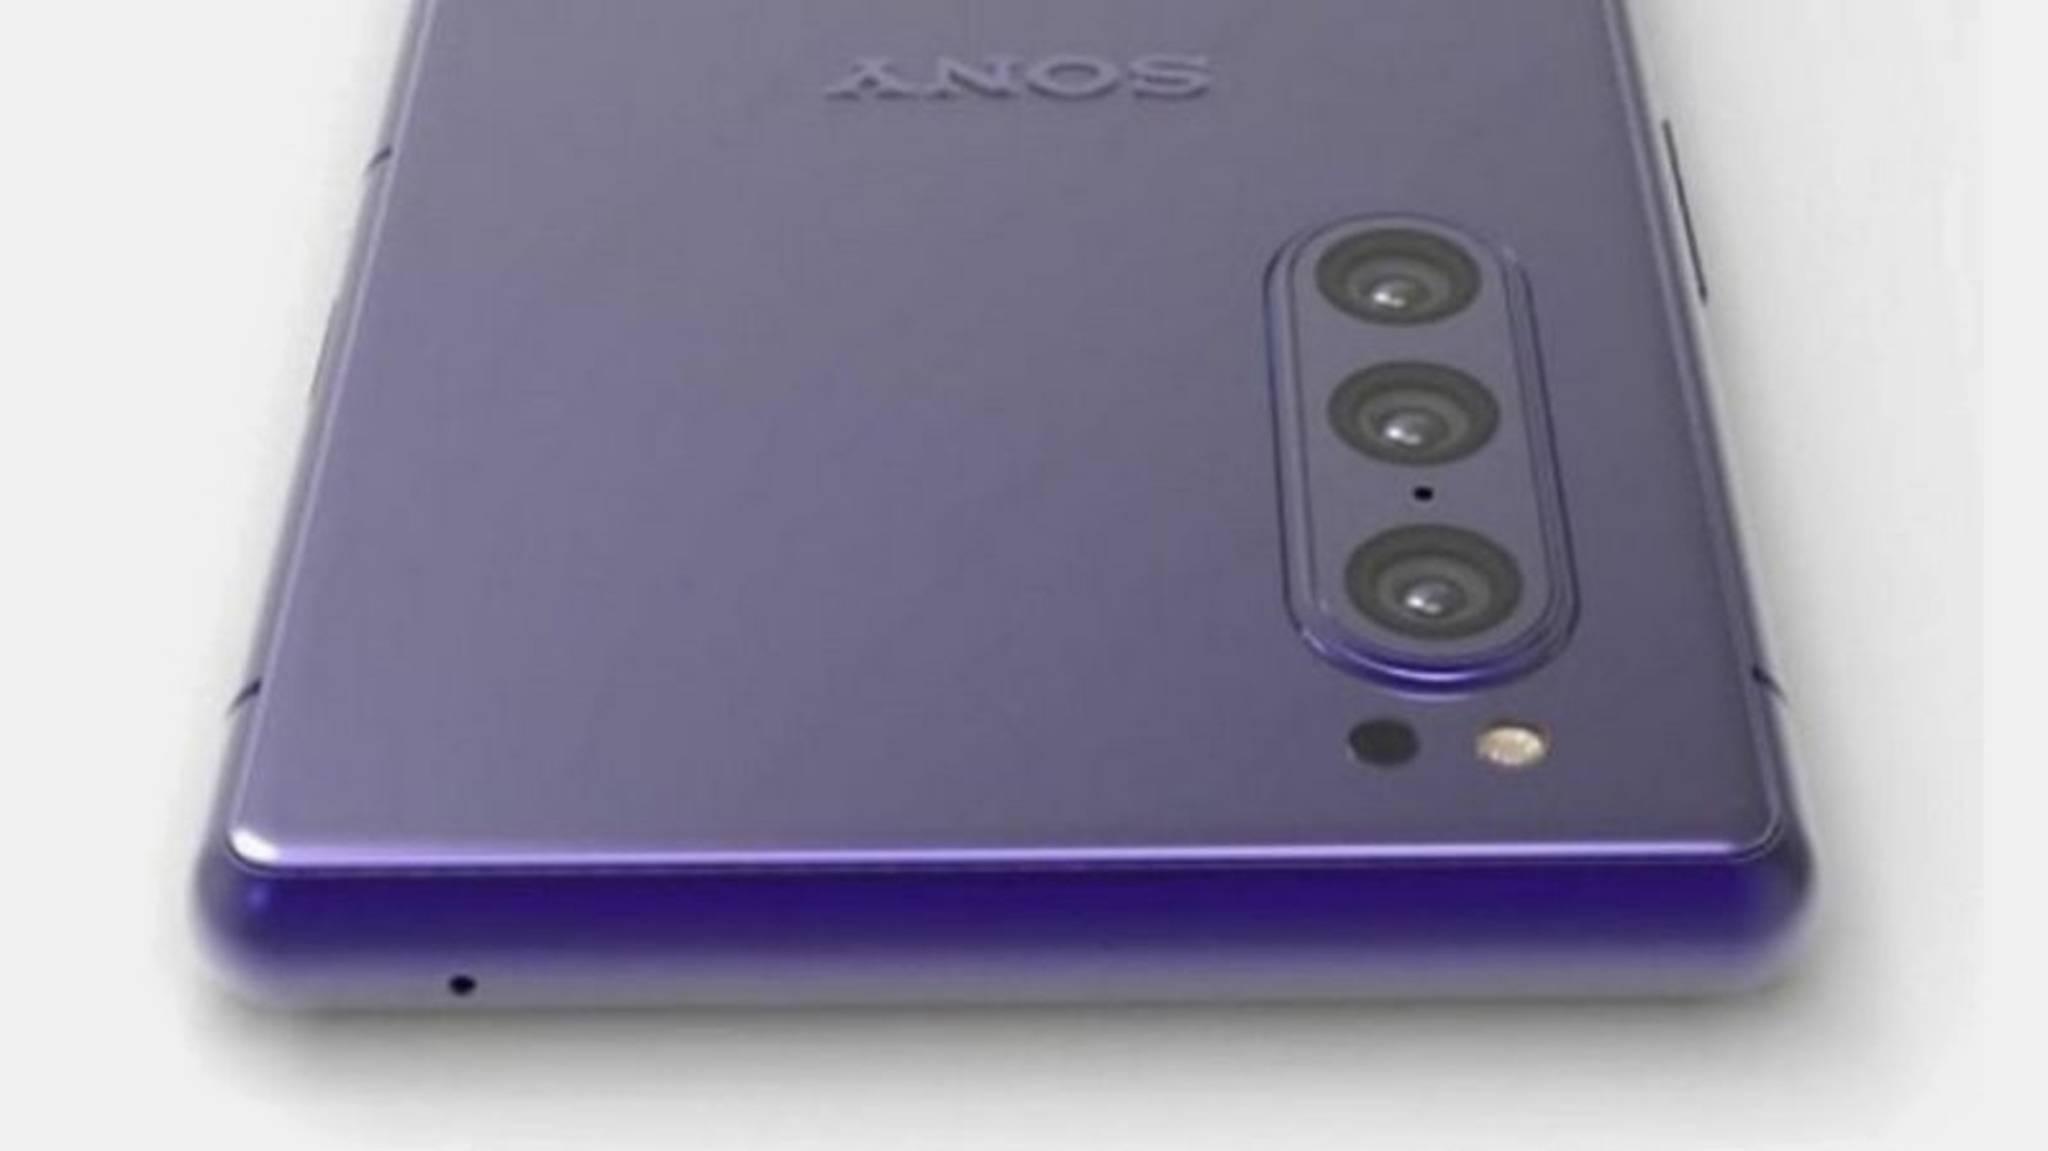 Am 9. Juli stellt Sony angeblich ein neues Smartphone mit Triple-Kamera vor.